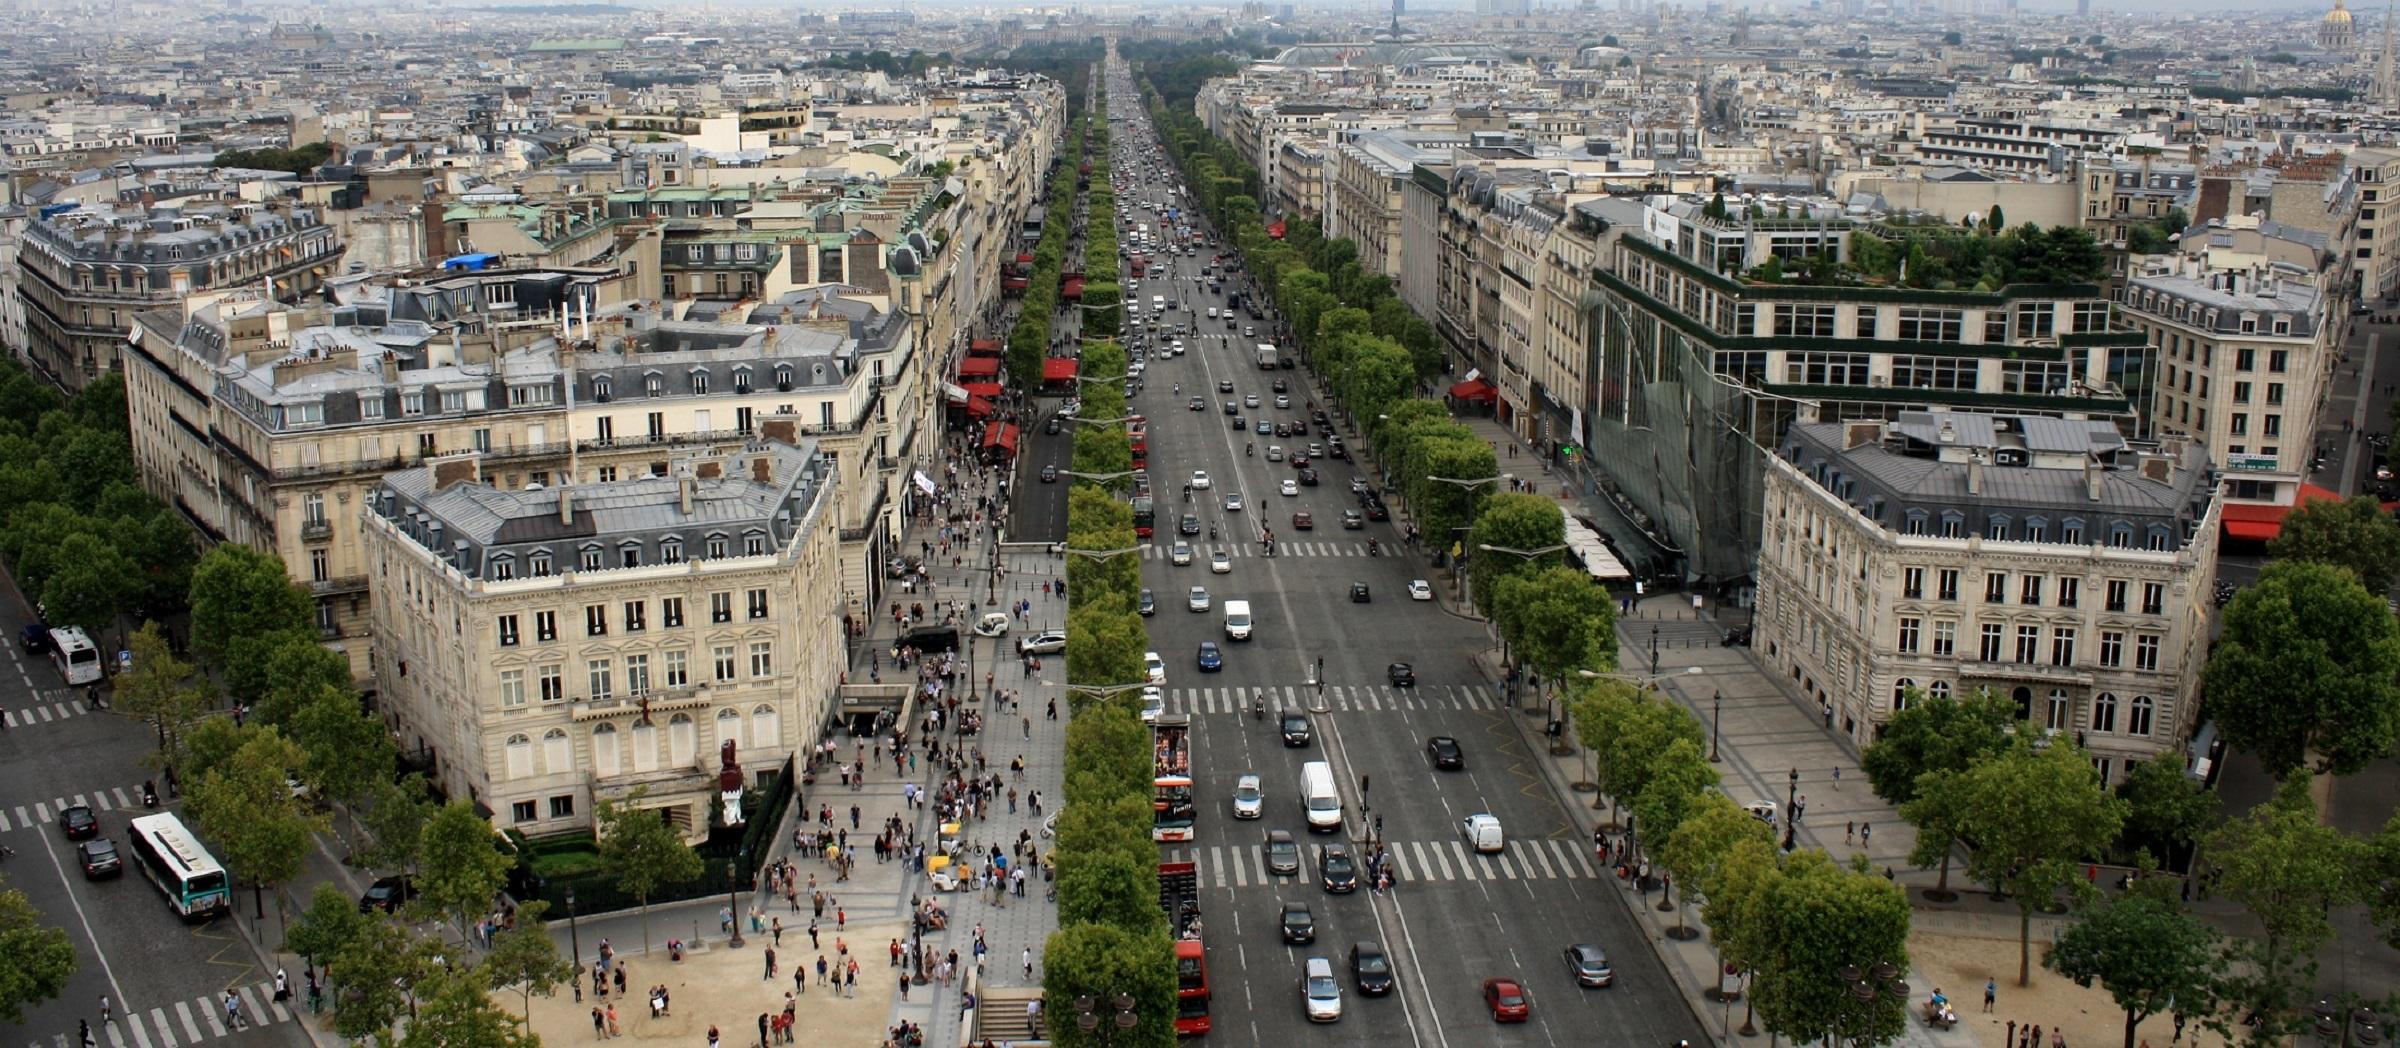 Las calles más famosas y espectaculares del mundo Champs elysee